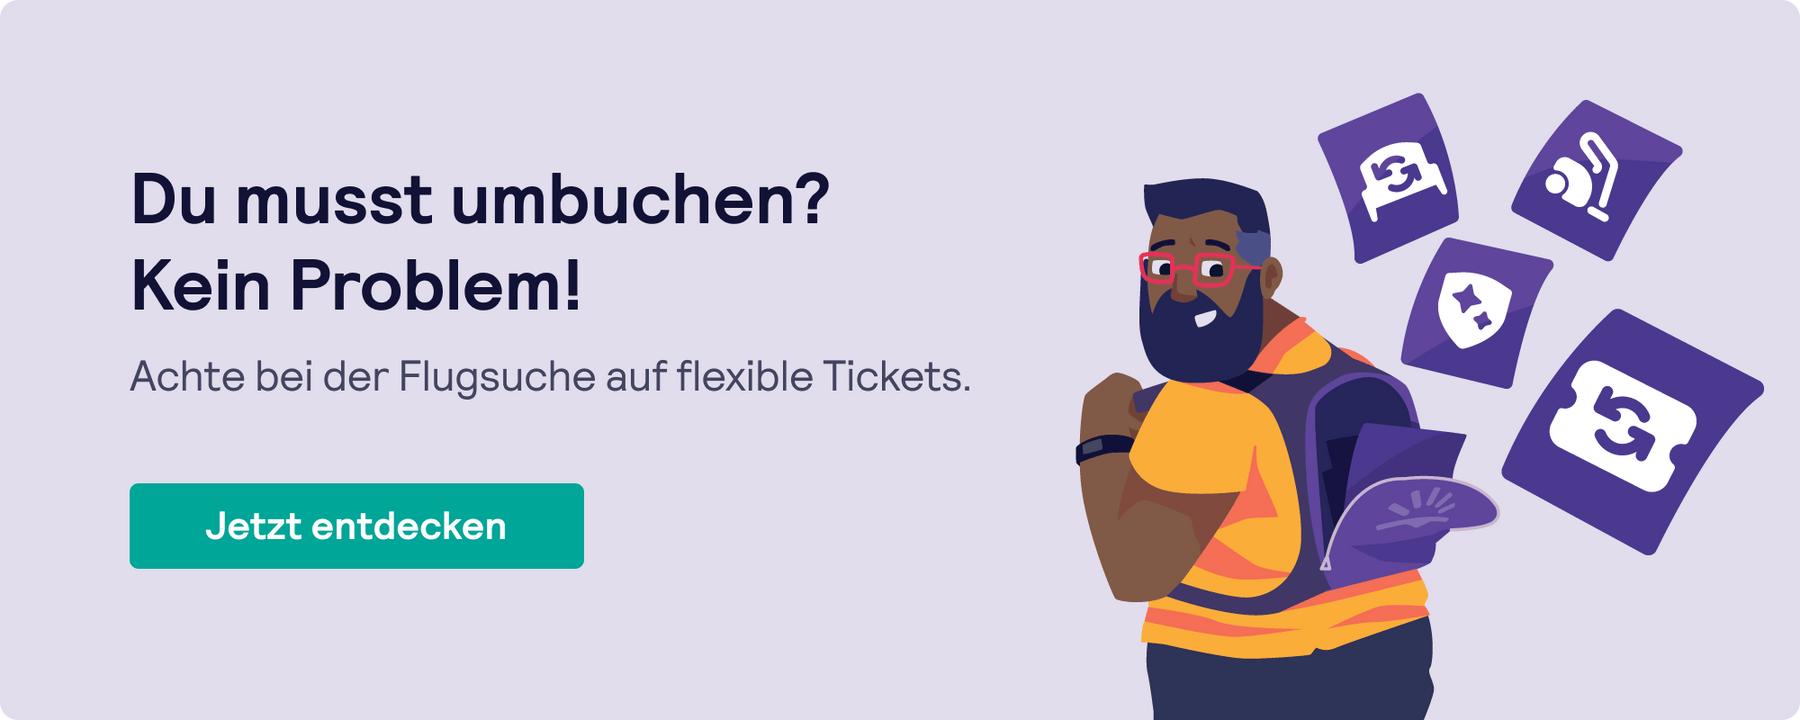 Skyscanner Suche nach flexiblen Tickets